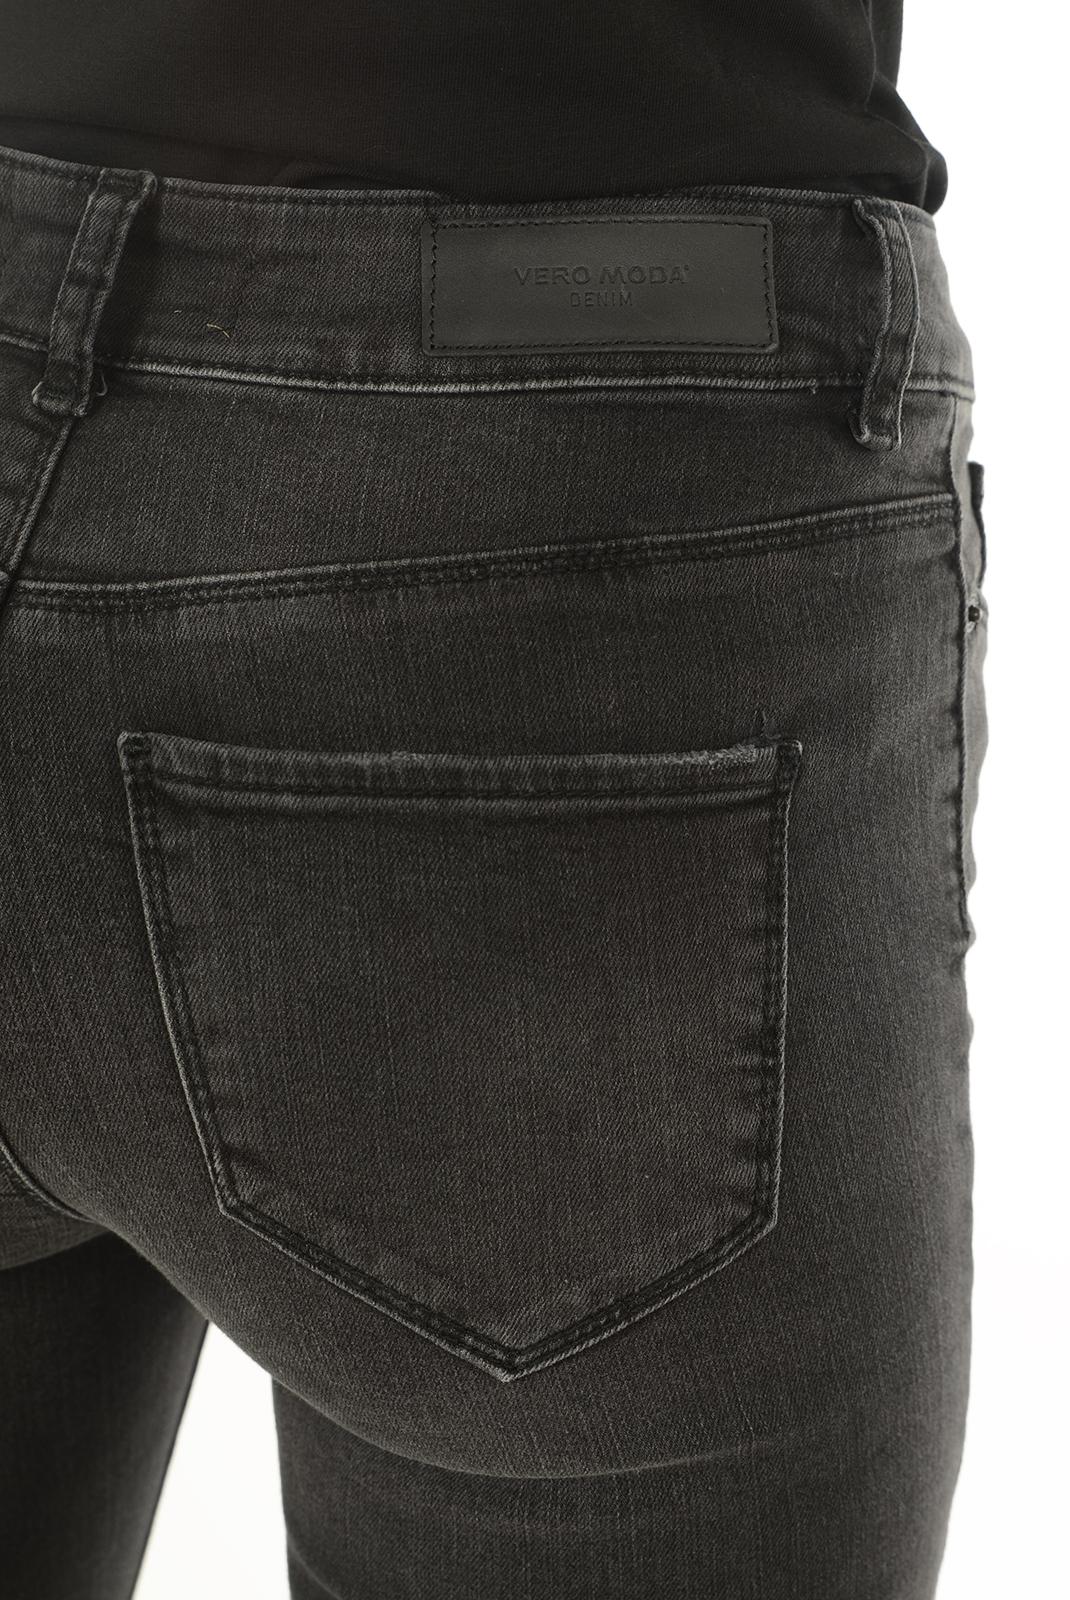 Jeans slim  Vero moda SEVEN NW SUPER SLIM BA022 NOOS BLACK